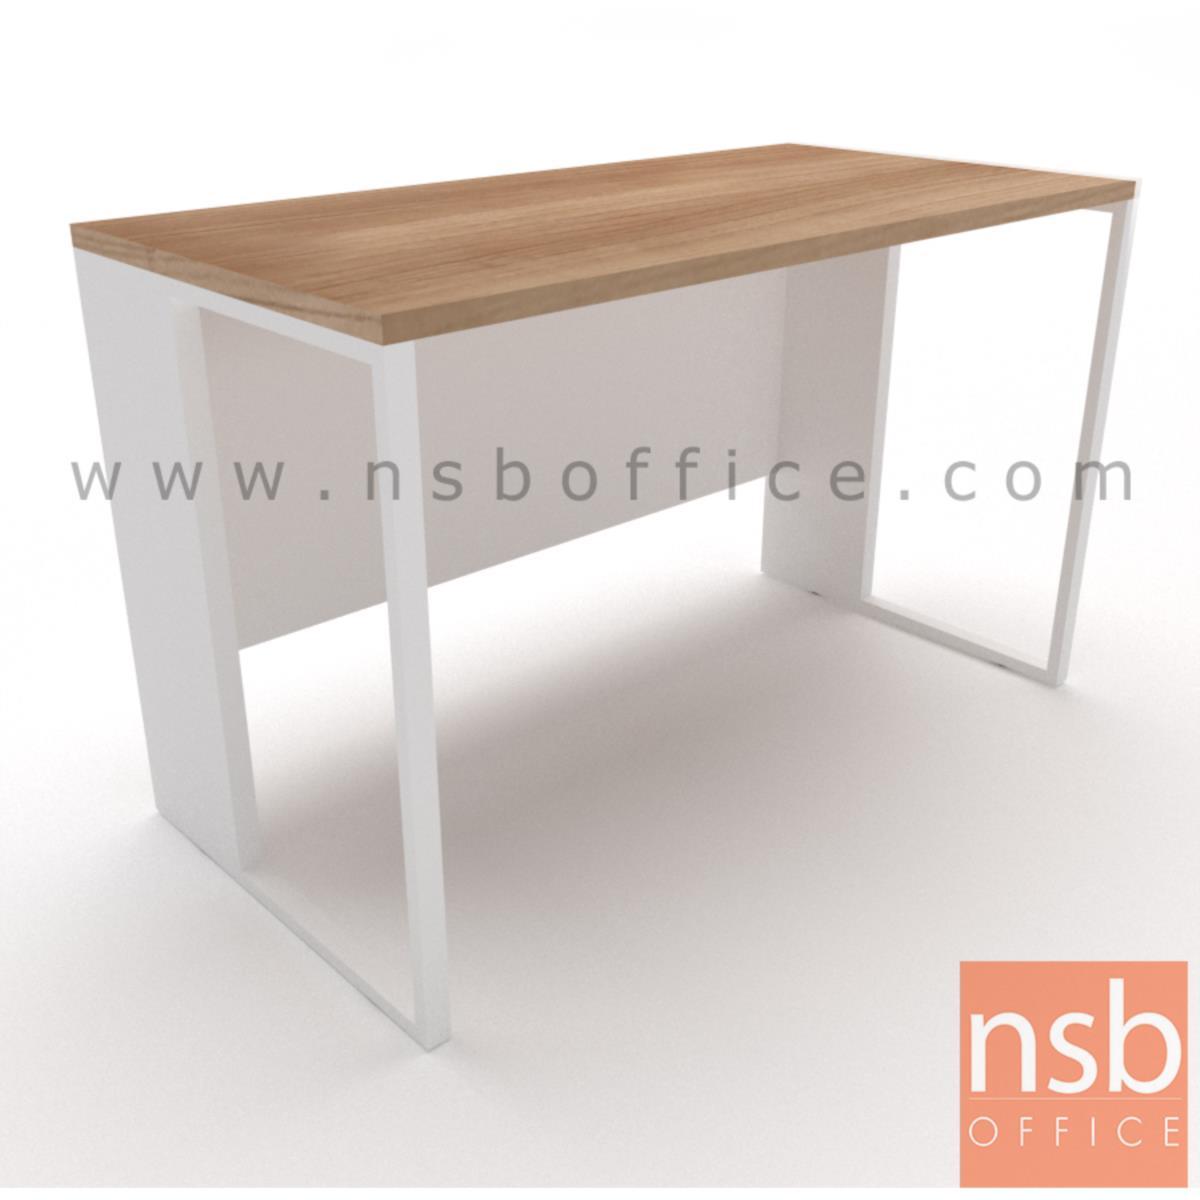 A10A077:โต๊ะทำงานโล่ง  ขนาด 120W ,135W ,150W ,160W ,180W cm.  ขาเหล็กกล่อง